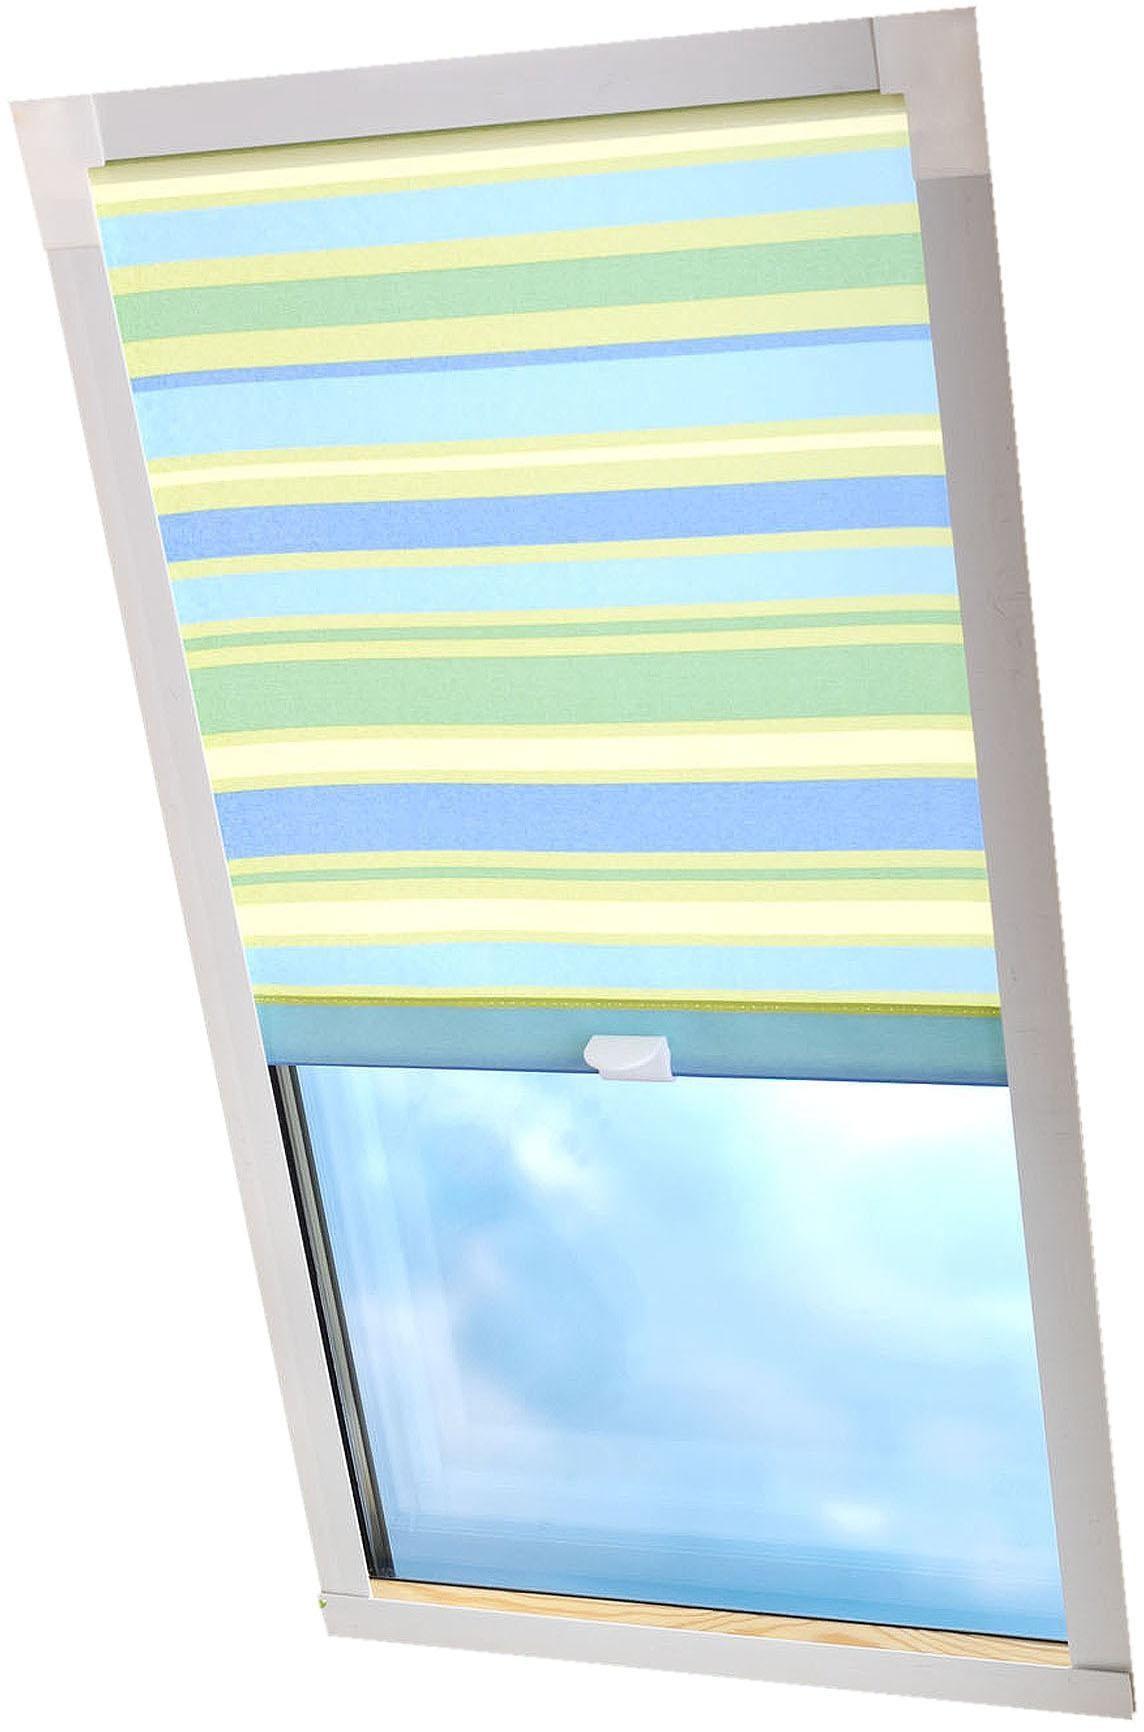 Image of Dachfensterrollo »Dekor«, Liedeco, Lichtschutz, in Führungsschienen